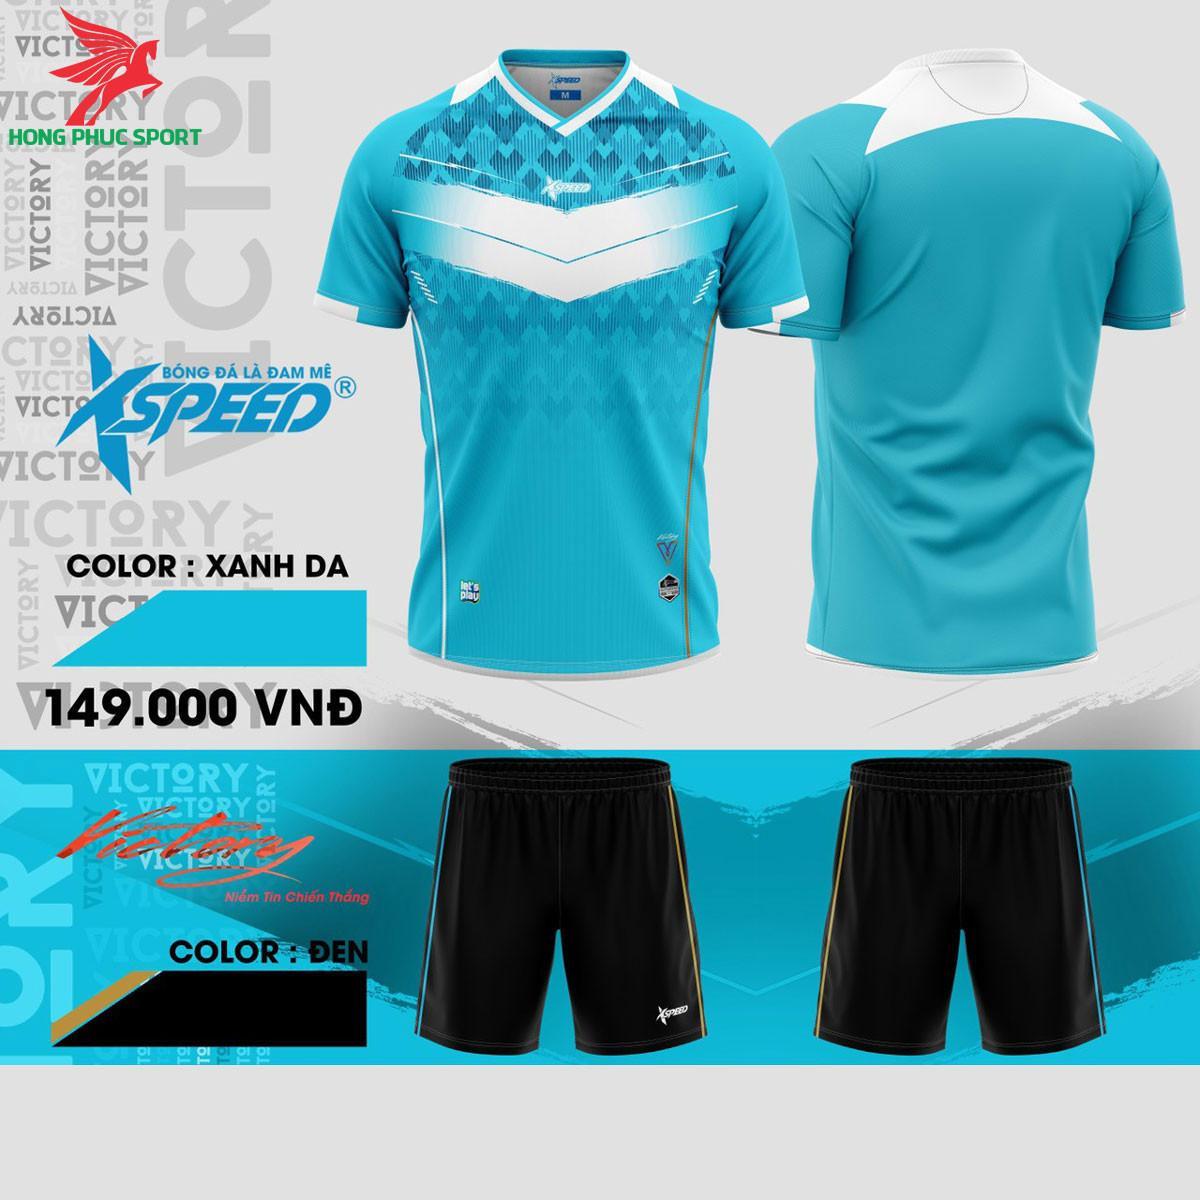 Áo đá banh không logo Xspeed Victory S8Xanh da